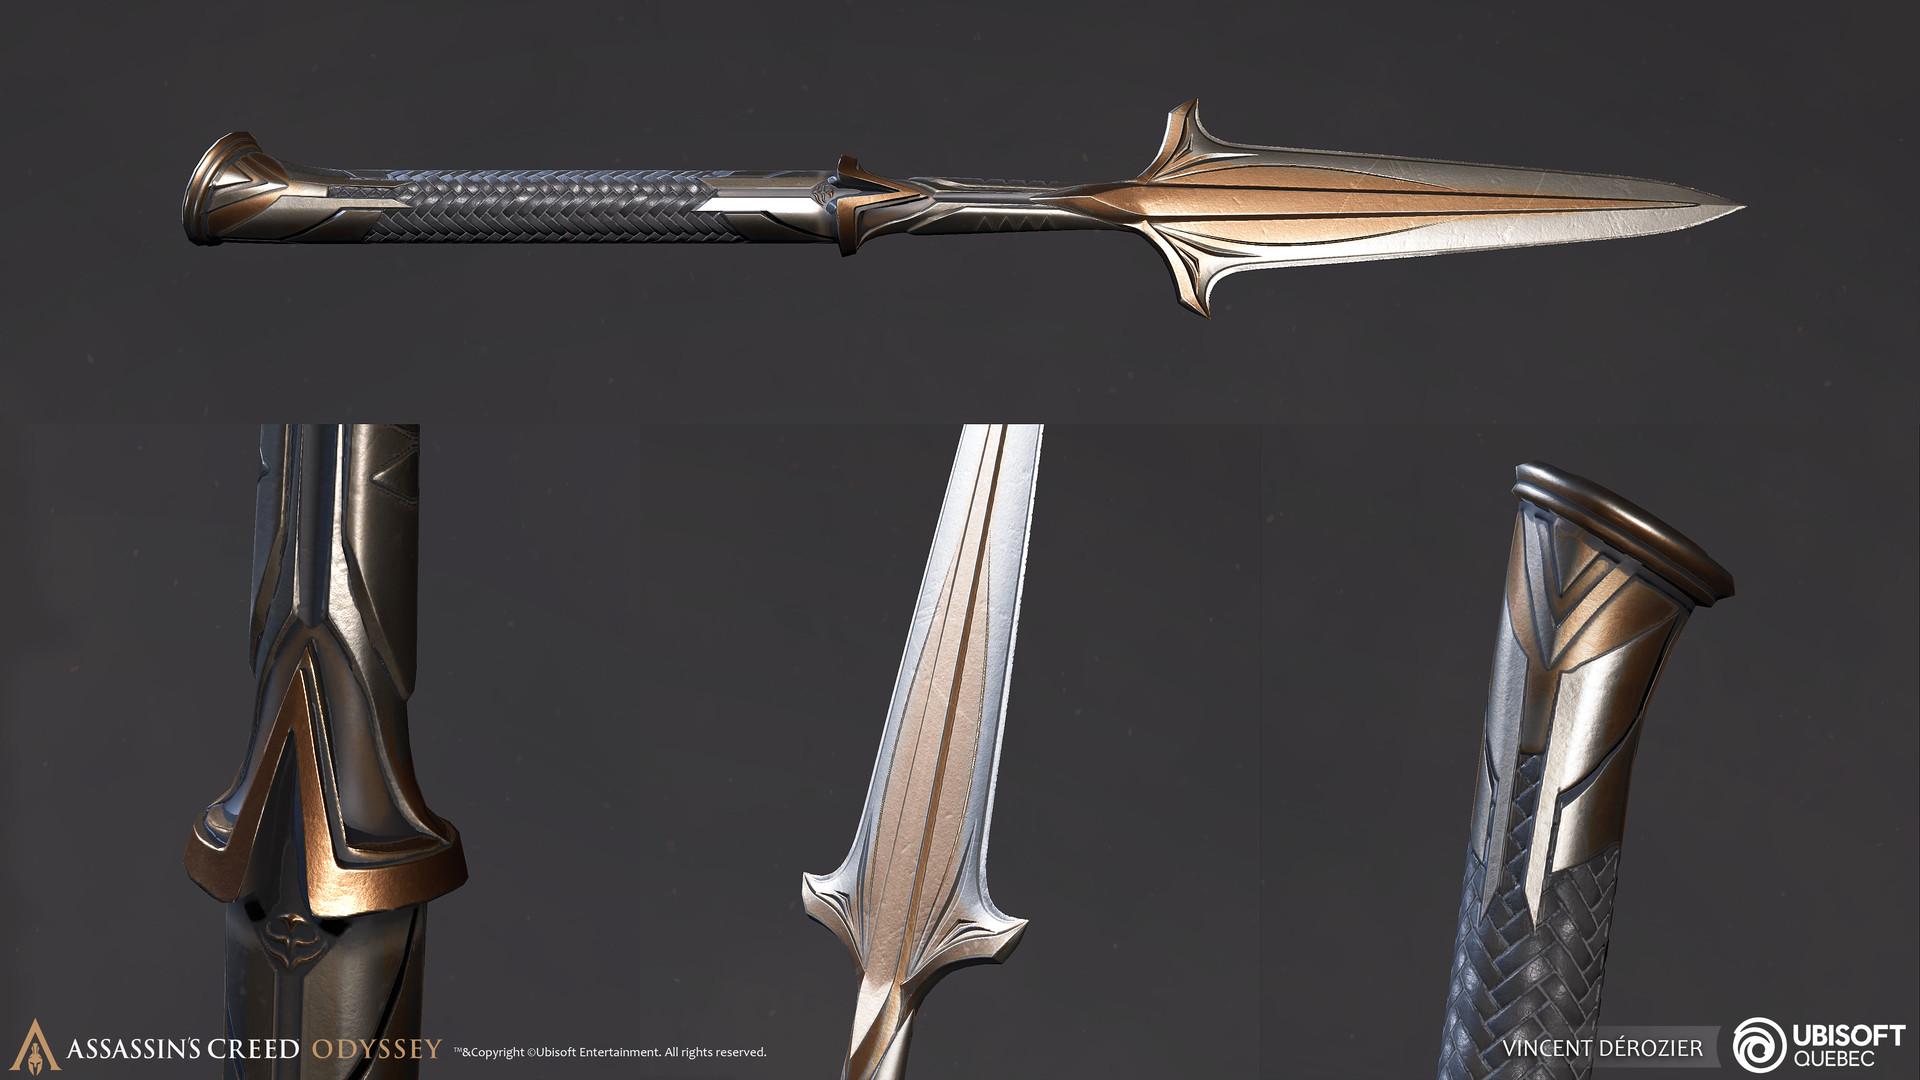 Vincent derozier props spears 4